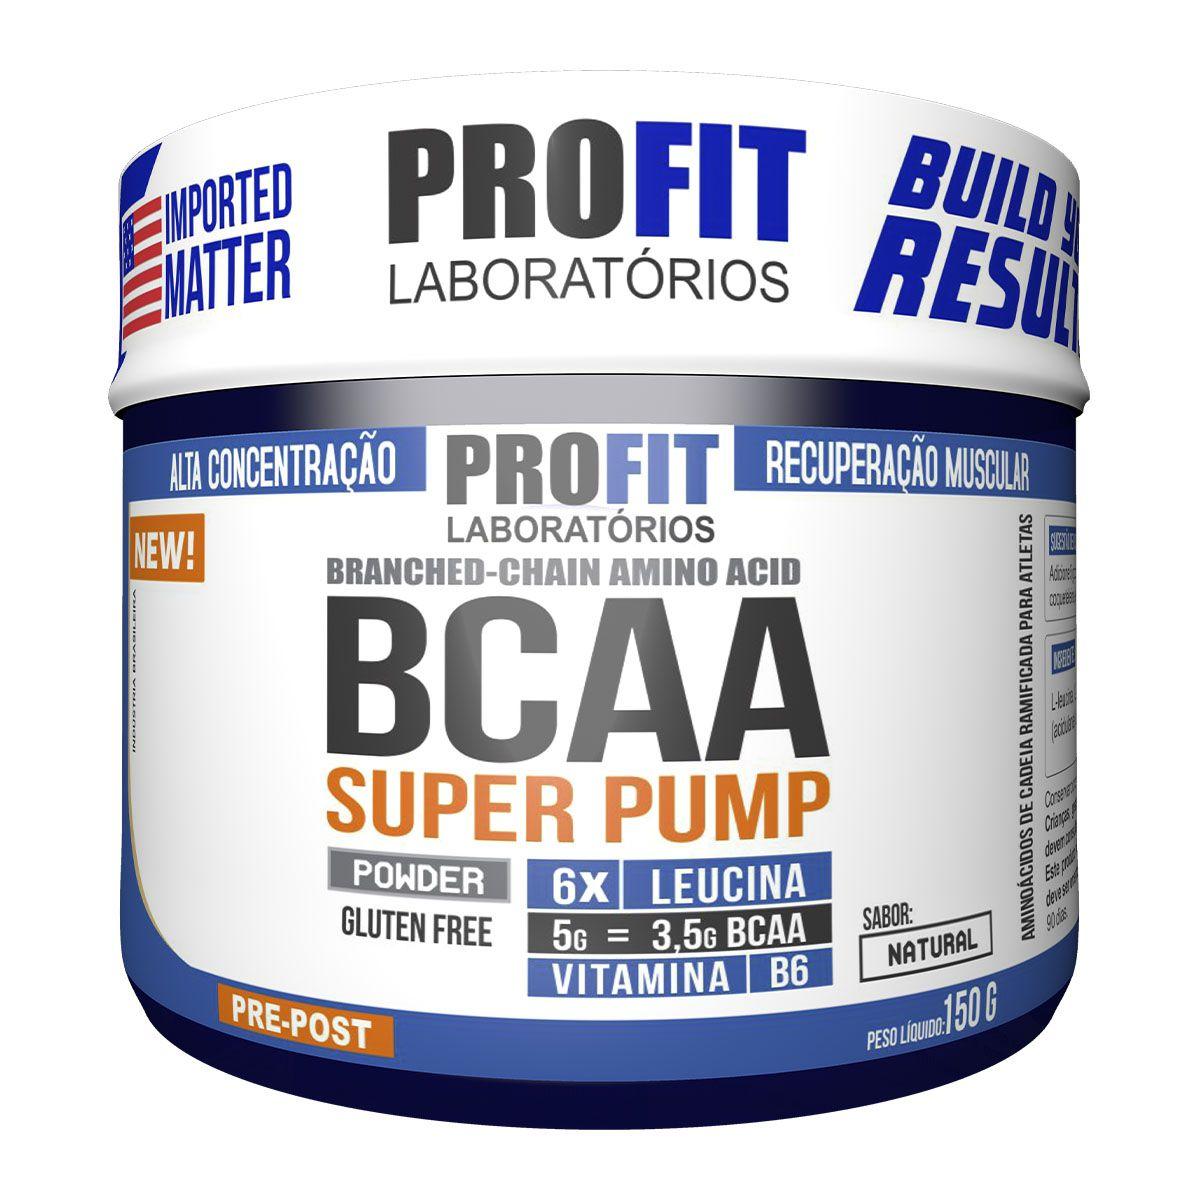 Bcaa Super Pump Powder 150g - Profit